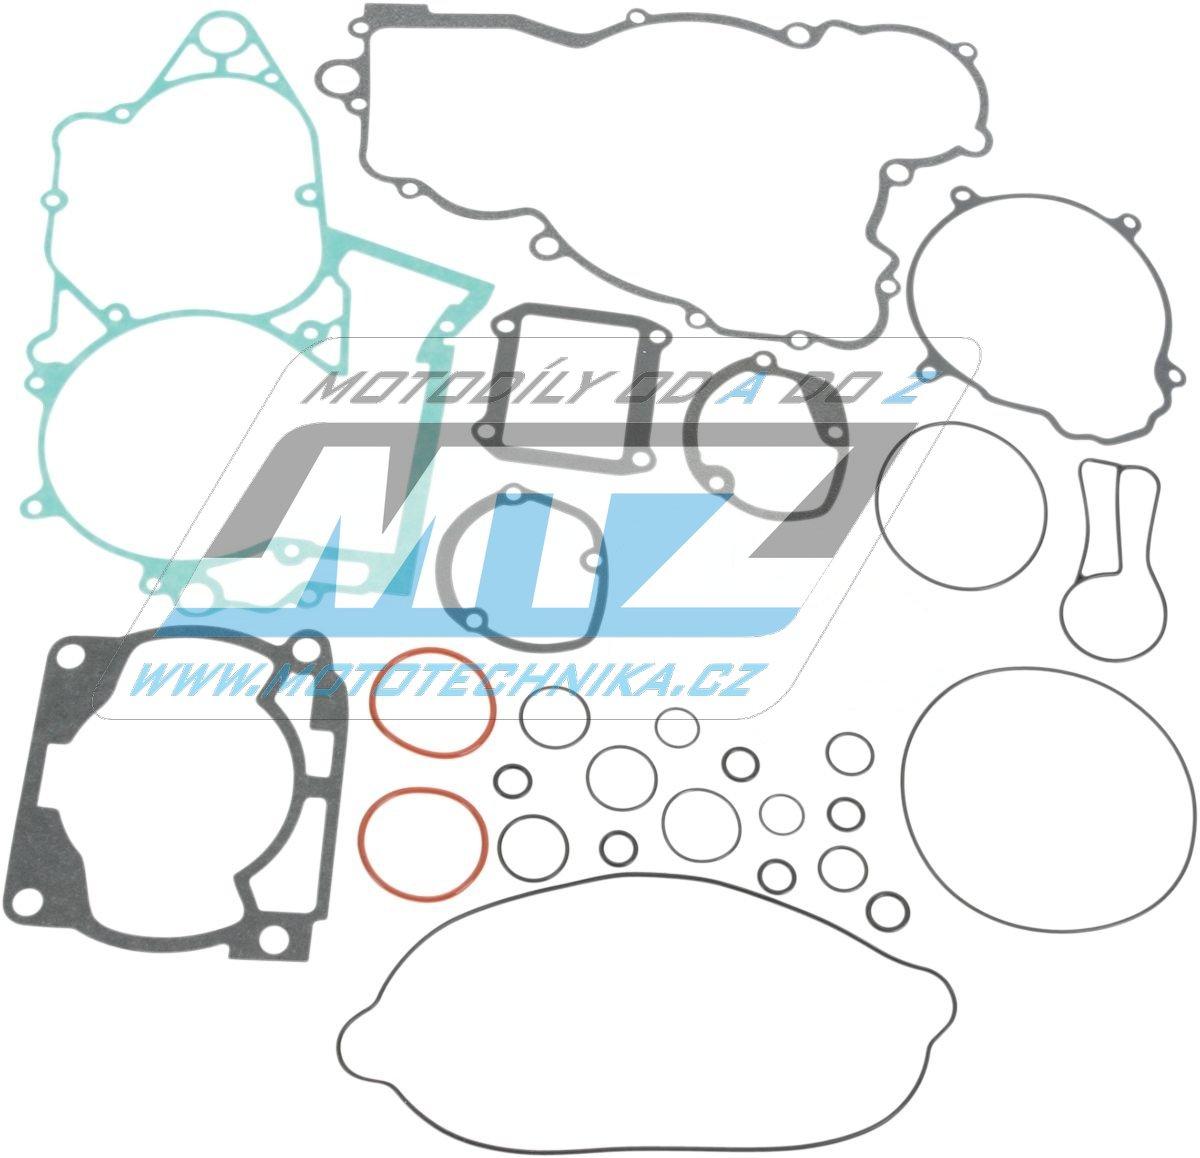 Těsnění kompletní motor KTM250 SX / 03-04 + KTM250 EXC / 04